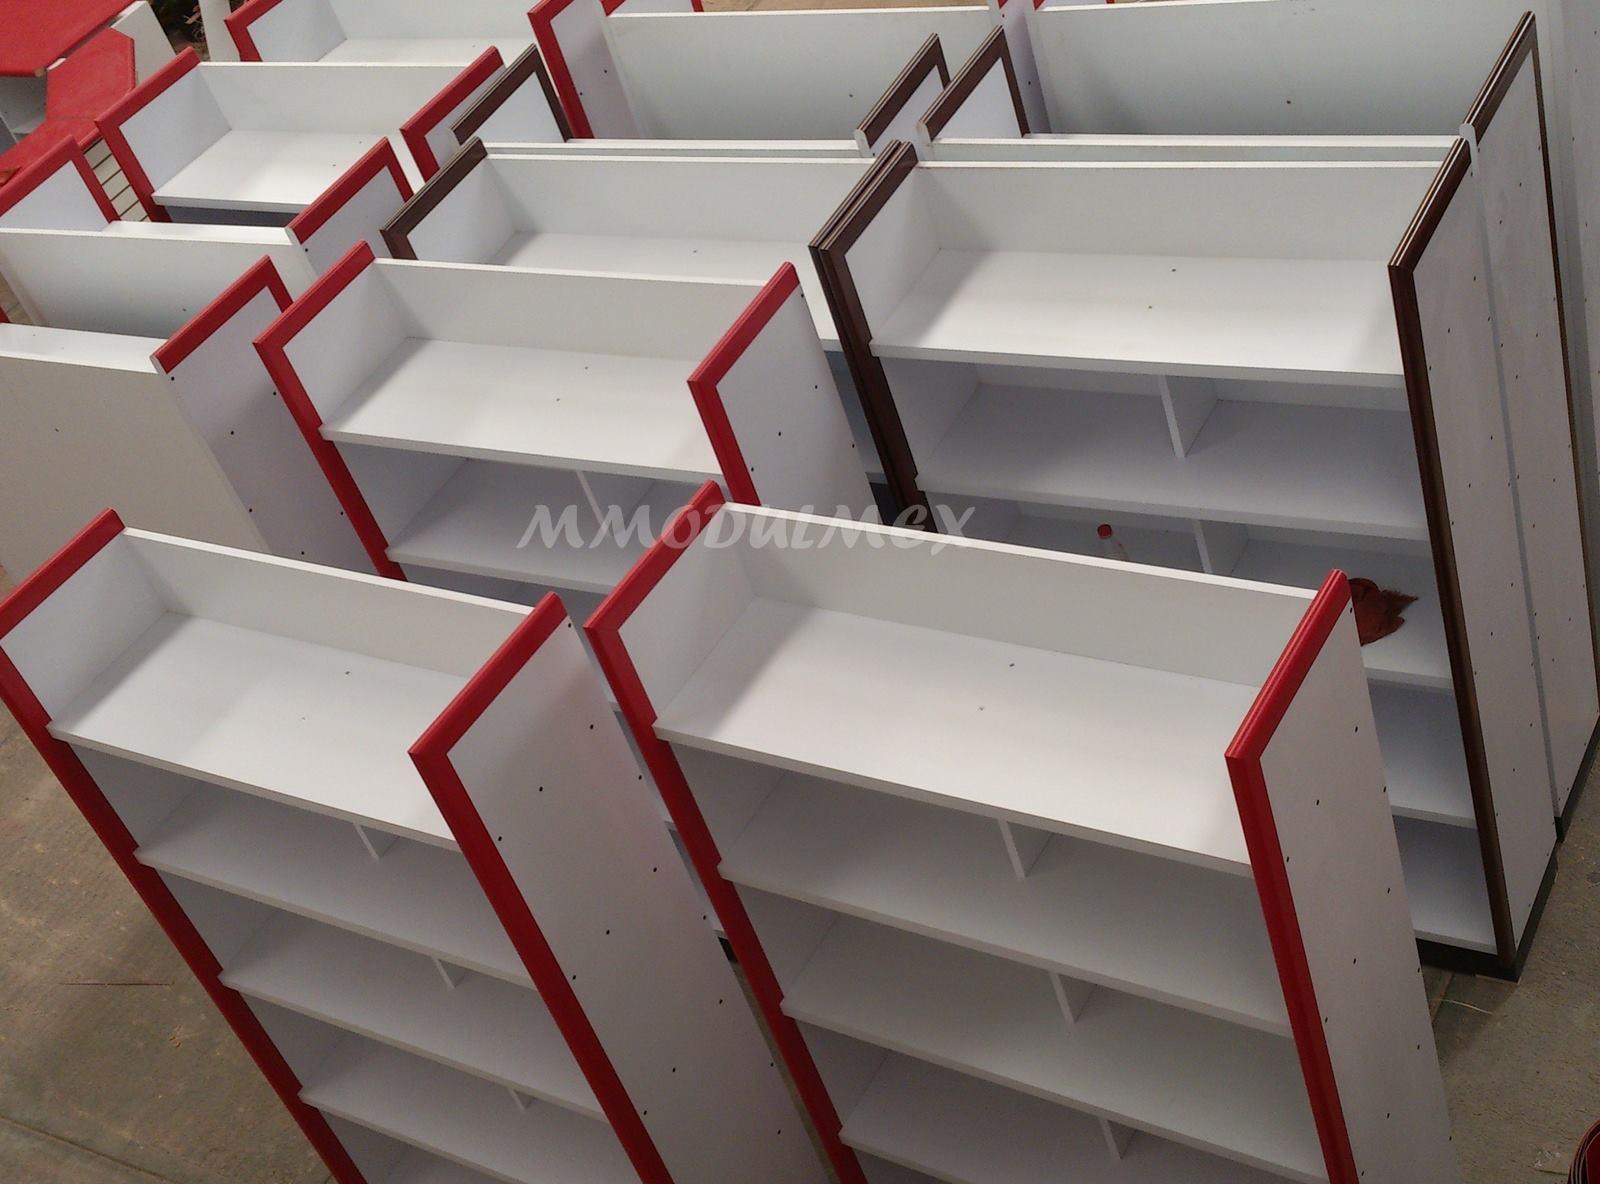 Muebles de tiendas mobiliario de oficina muebles de tienda muebles para tienda muebles de - Mobiliario para merceria ...